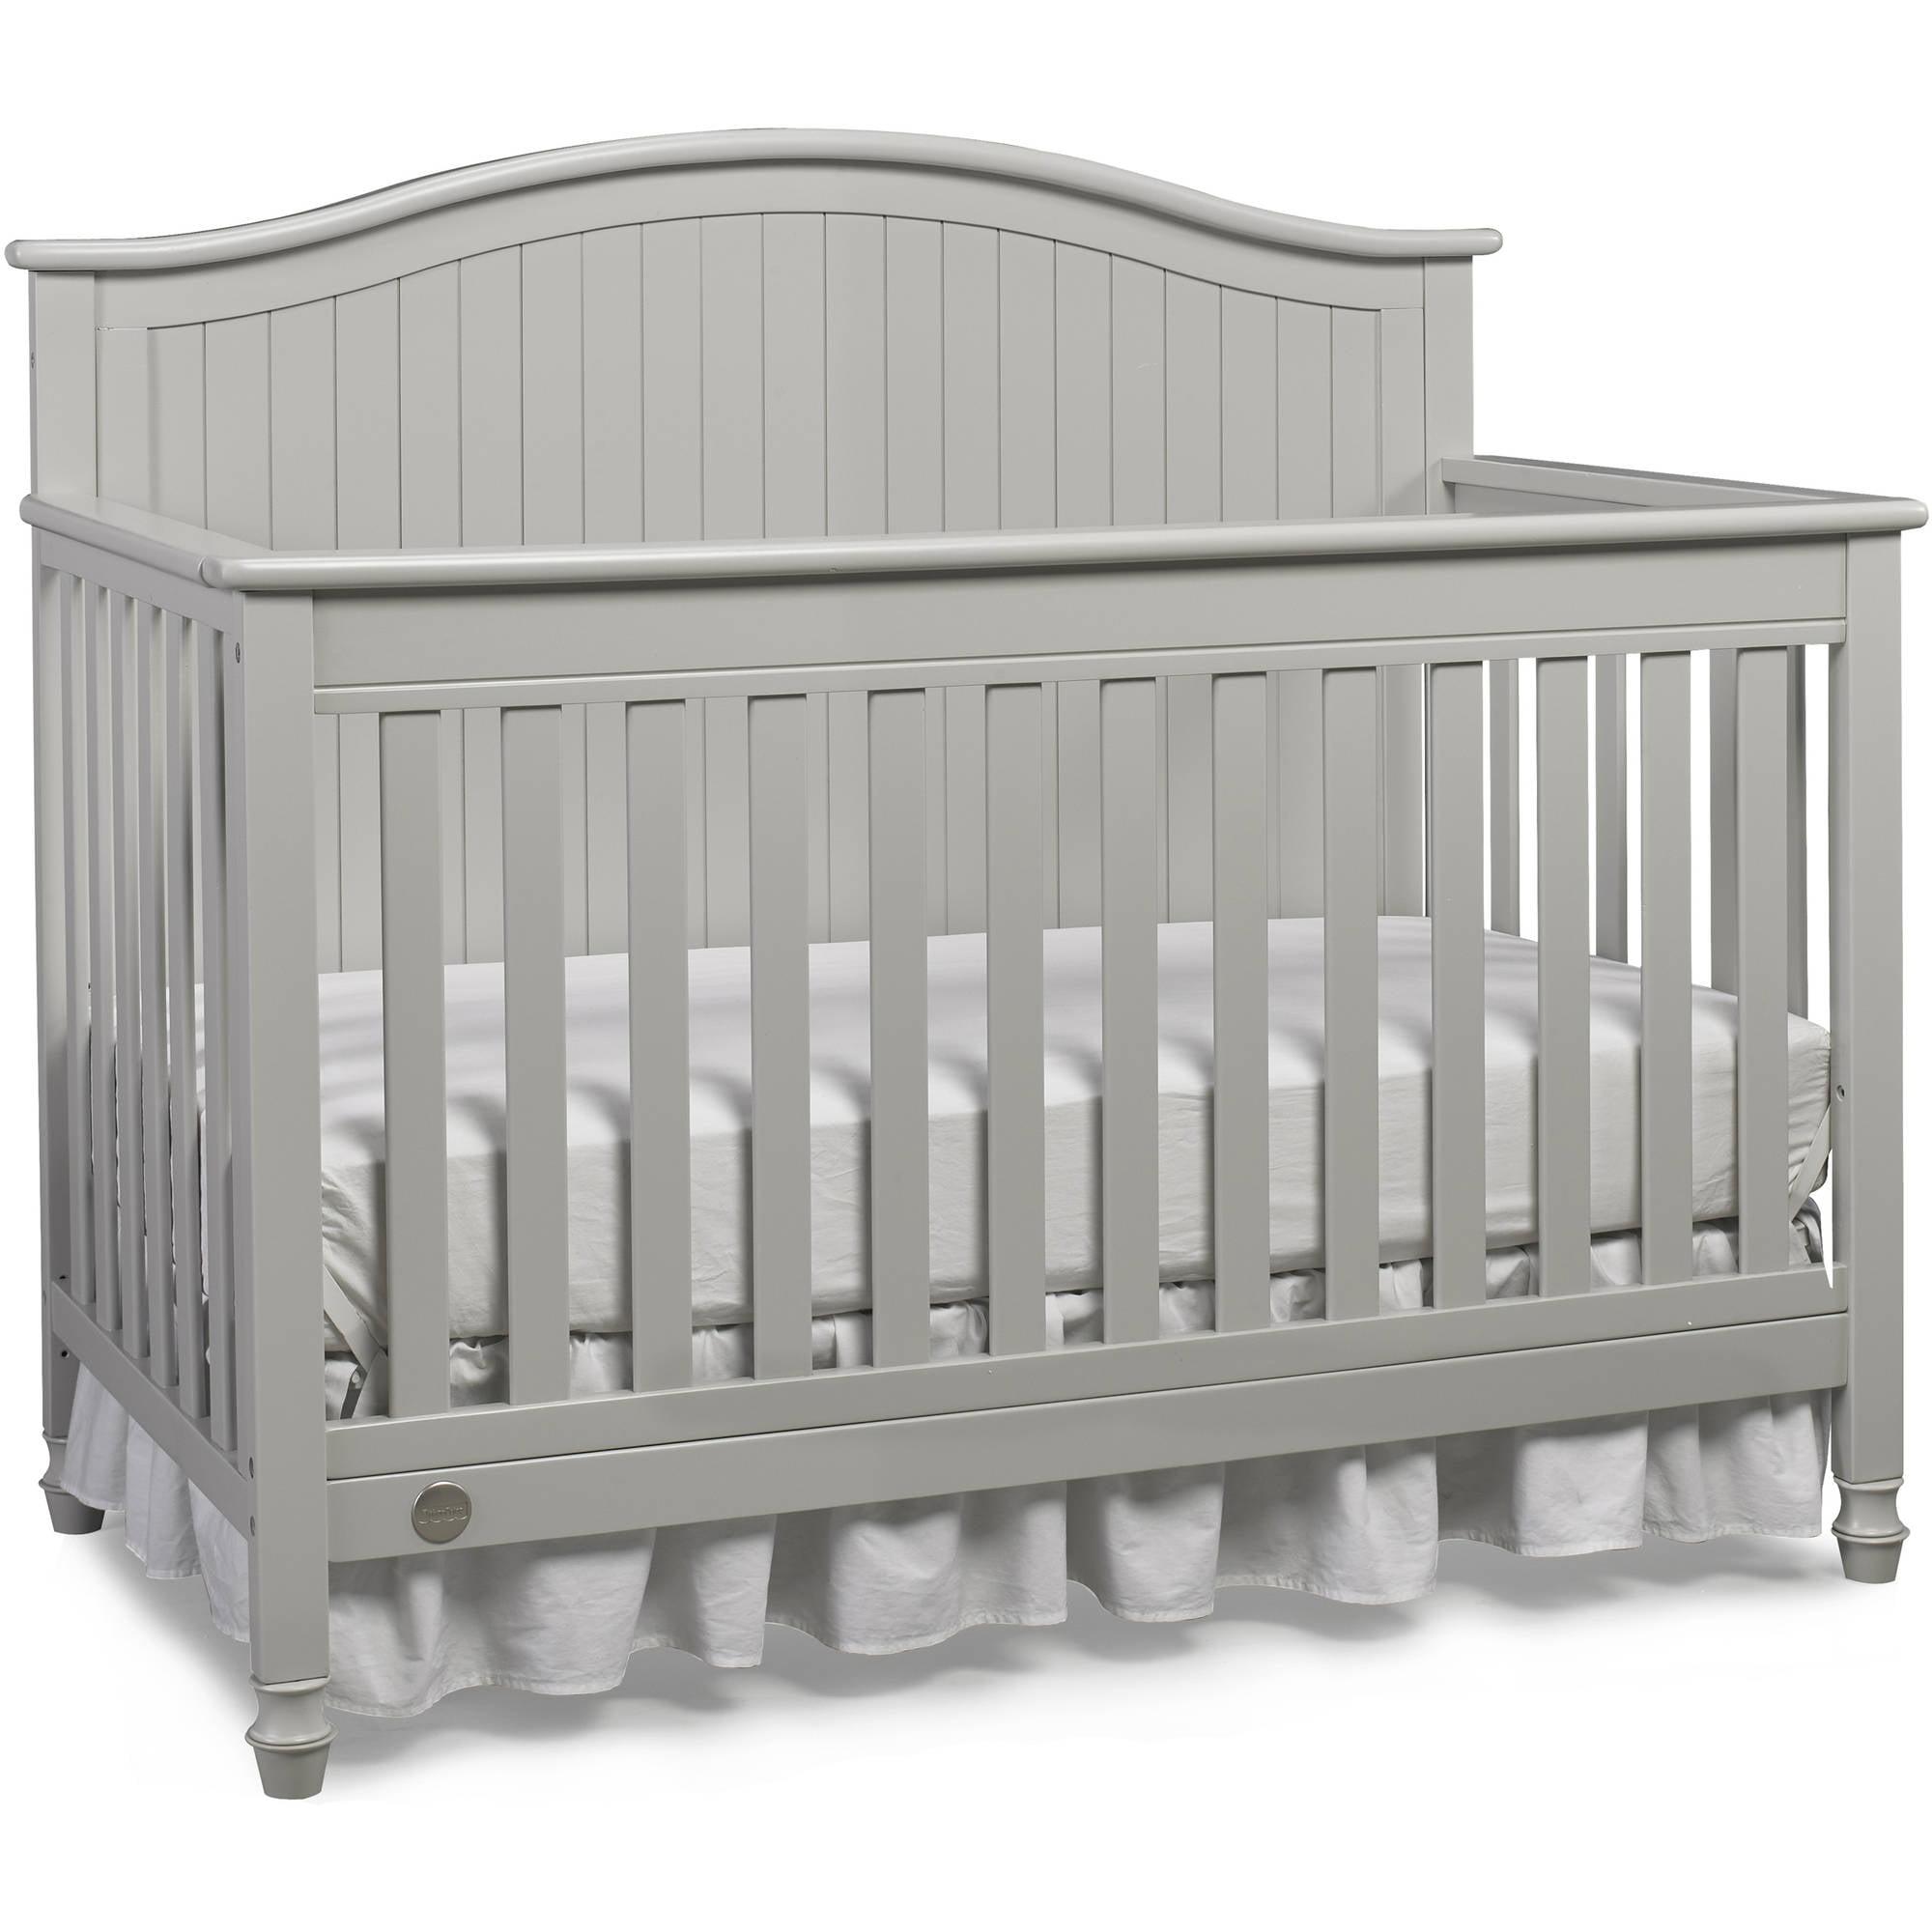 Fisher-Price Delmar 4-in-1 Convertible Crib Gray